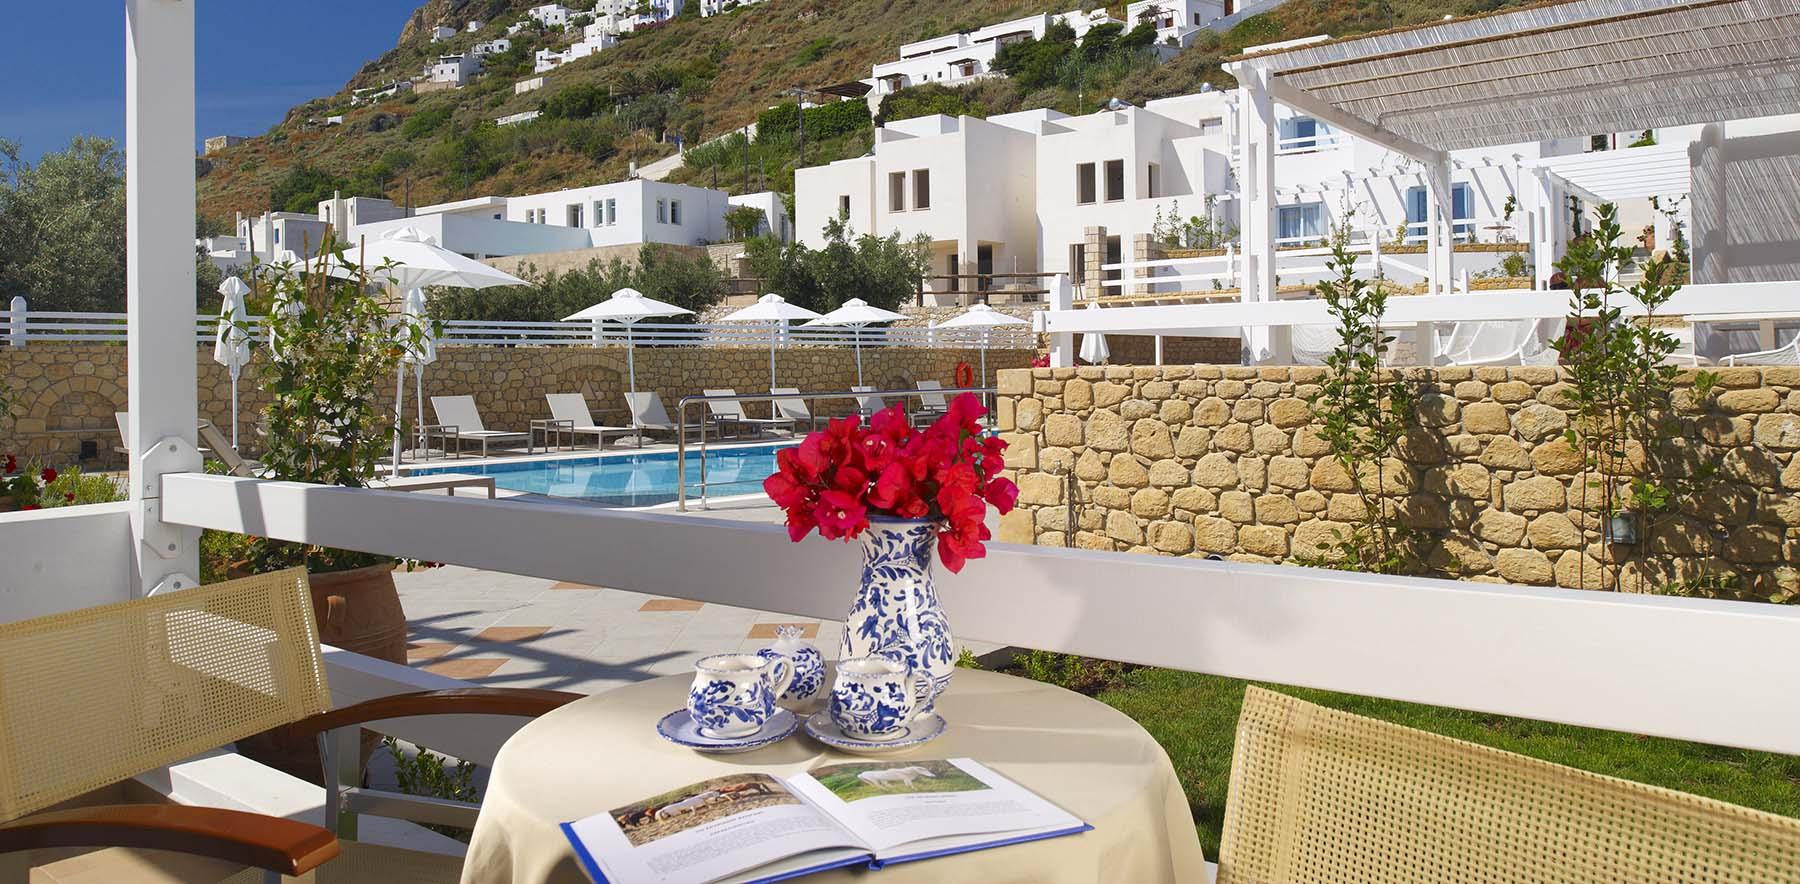 skyros hotel greece - Perigiali hotel